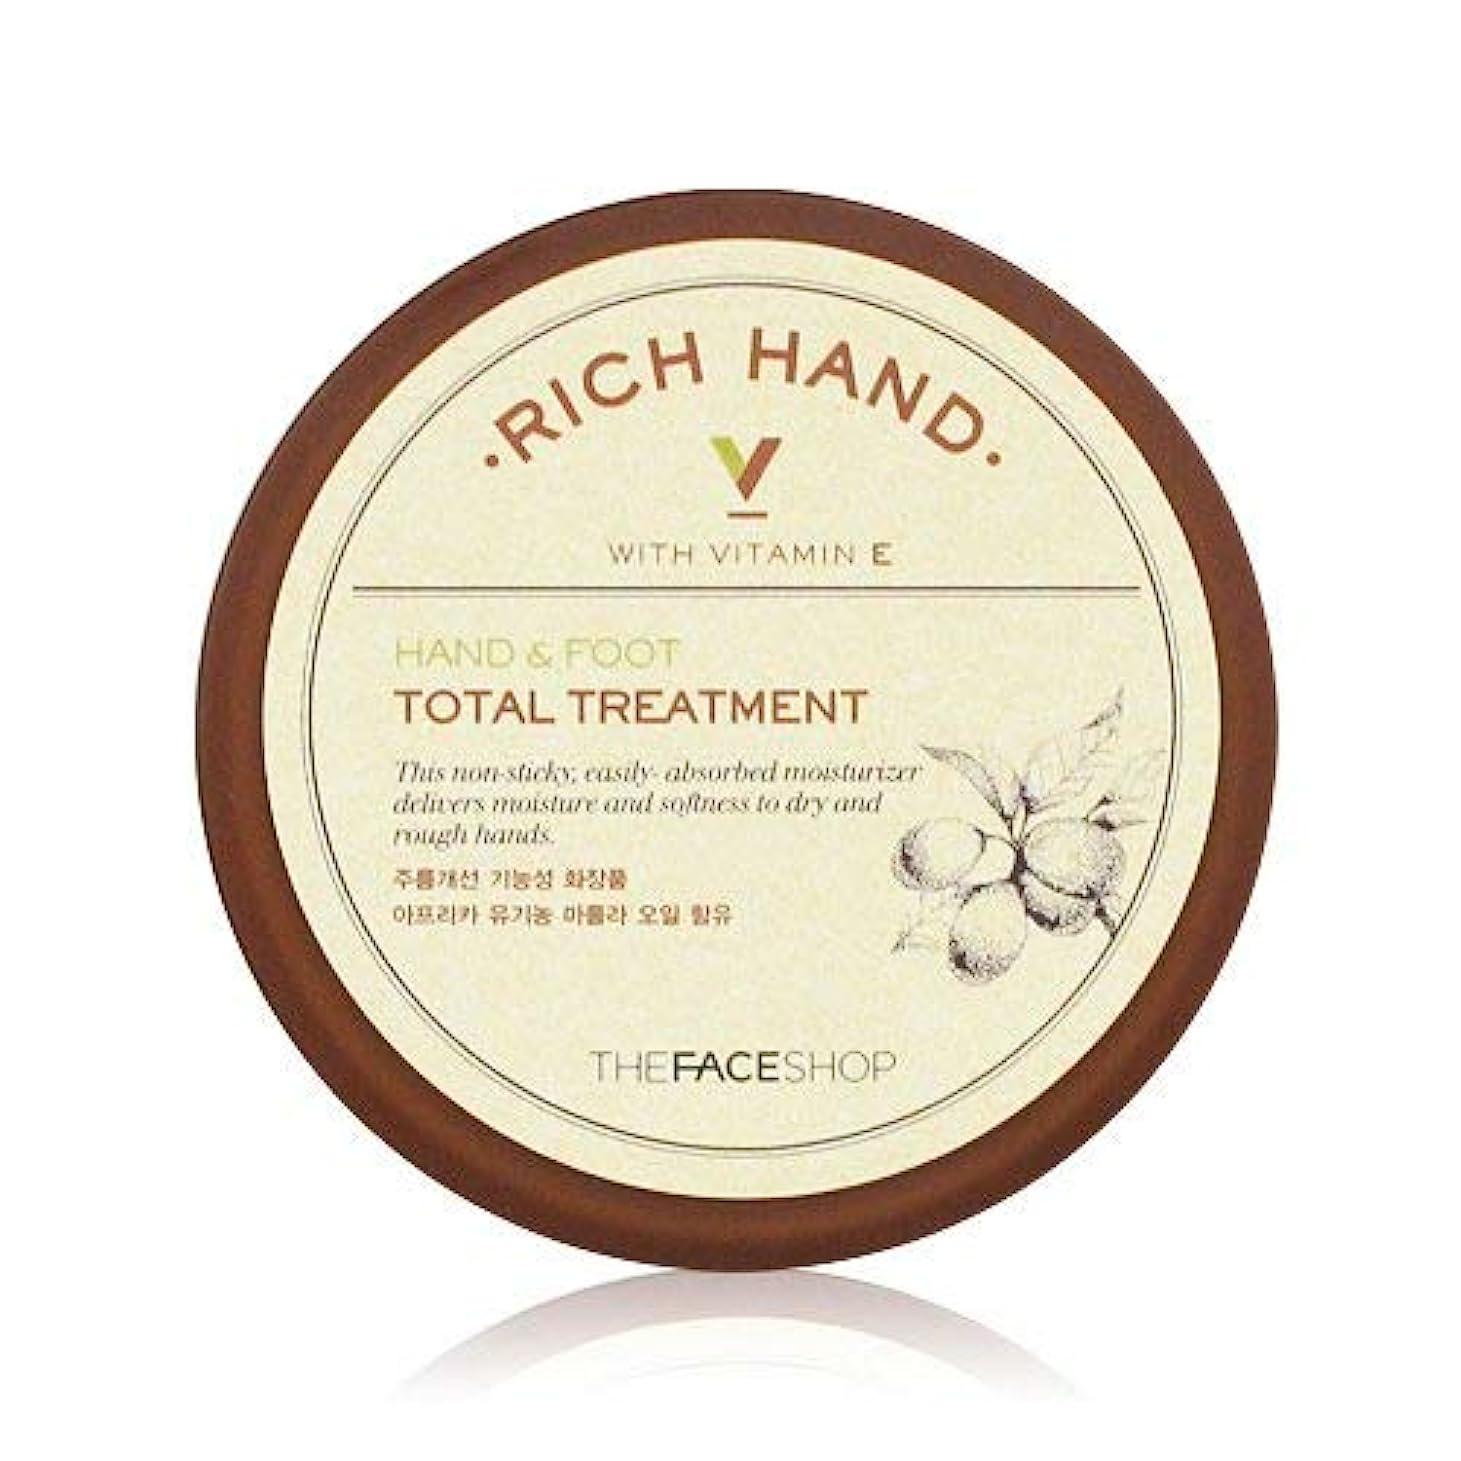 セットアップエキサイティング許すTHE FACE SHOP Rich Hand V Hand and Foot Total Treatment ザフェイスショップ リッチハンド V ハンド? フット トータルトリートメント [並行輸入品]